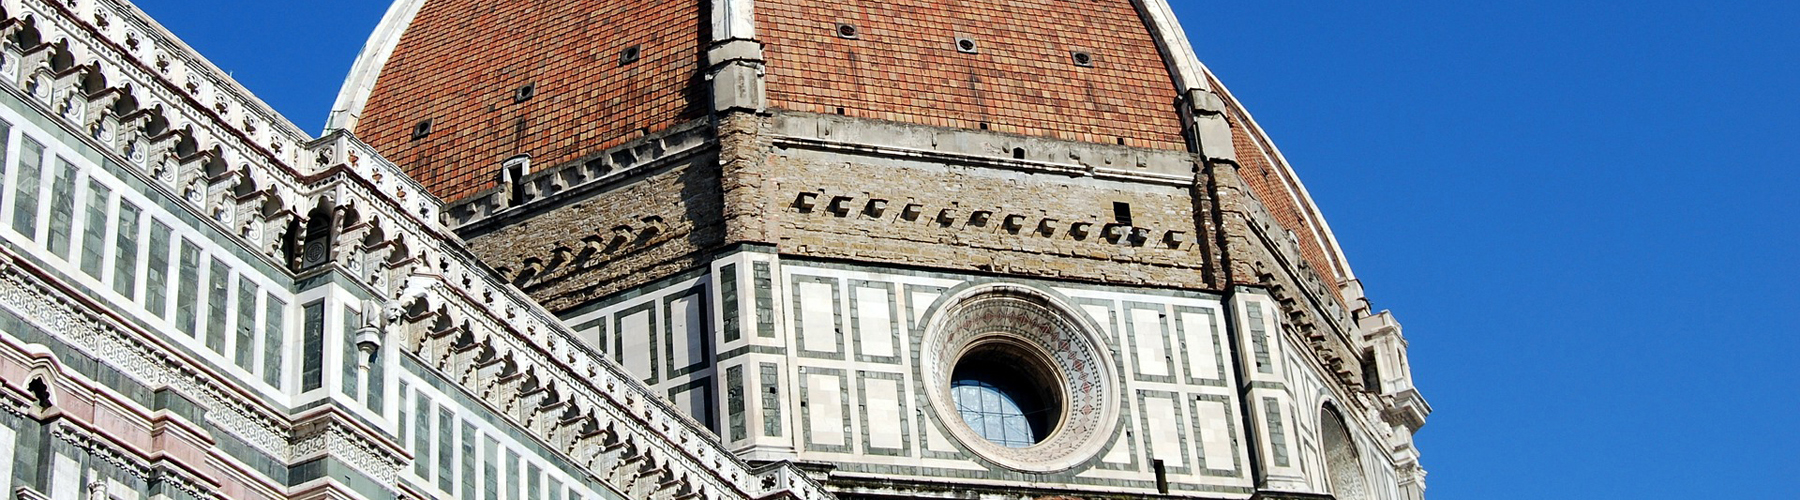 피렌체 - 피렌체 대성당에 가까운 아파트. 피렌체의 지도, 피렌체에 위치한 아파트에 대한 사진 및 리뷰.